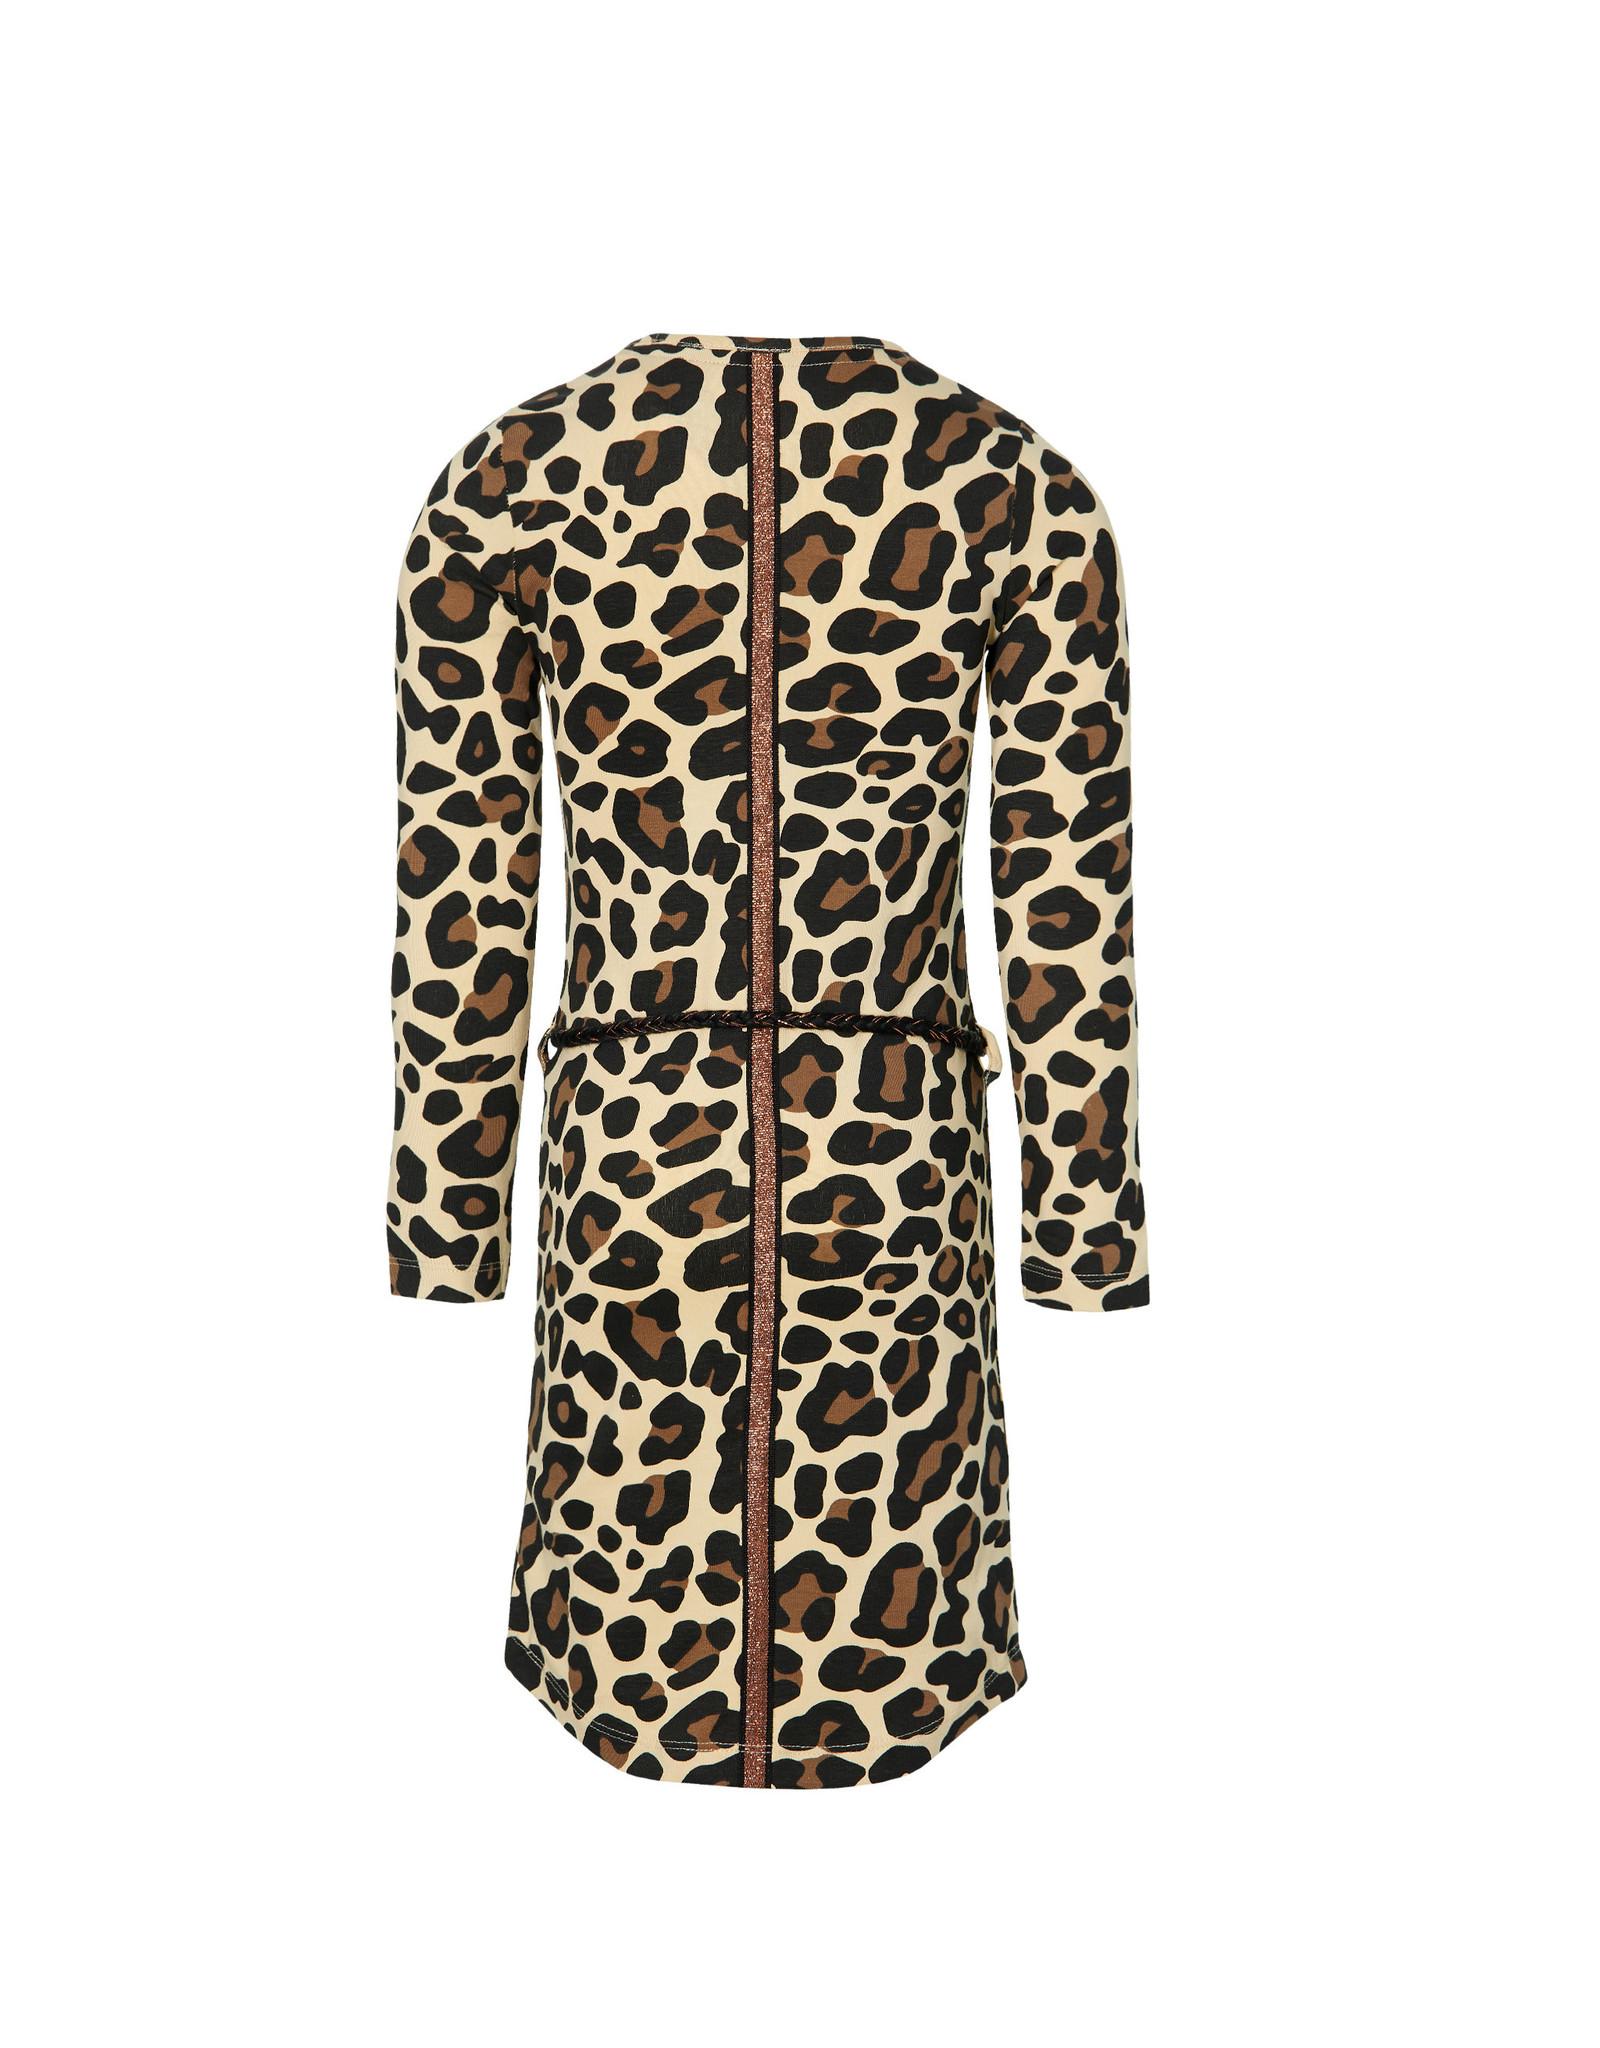 Quapi Quapi meisjes jurk Daantje Leopard